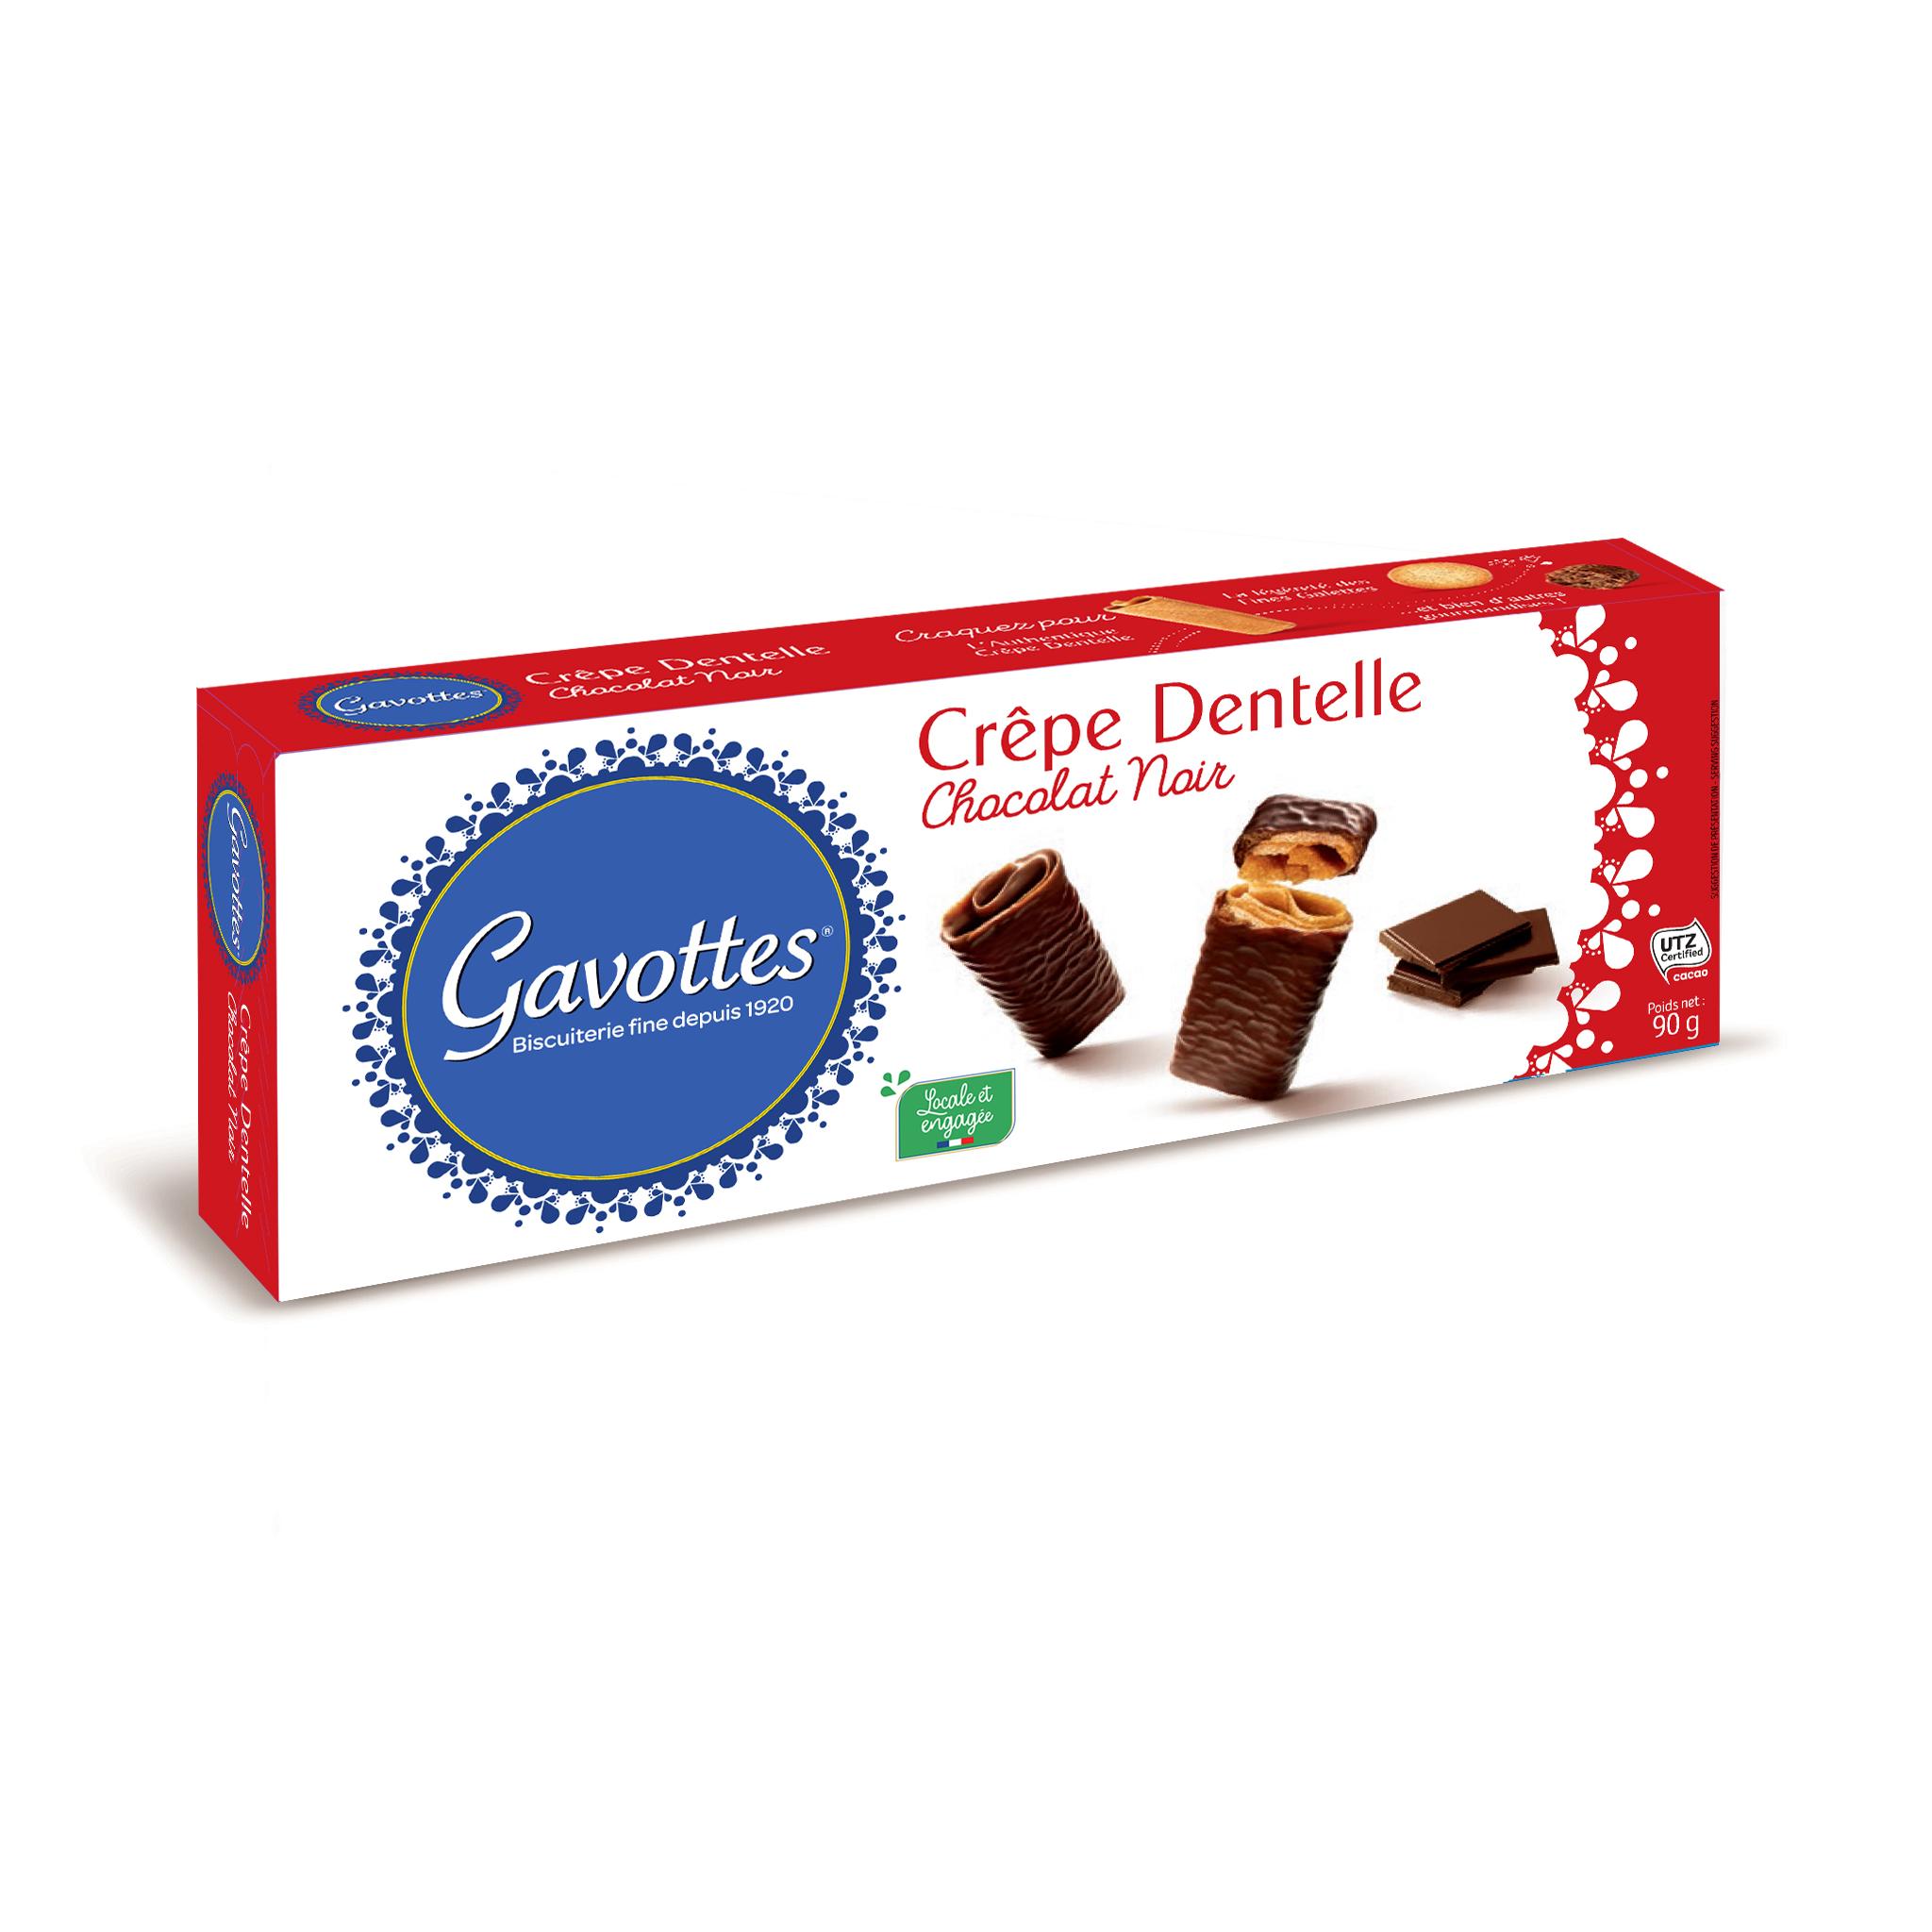 20/ Crêpes med mørk sjokolade, 90g - Gavottes